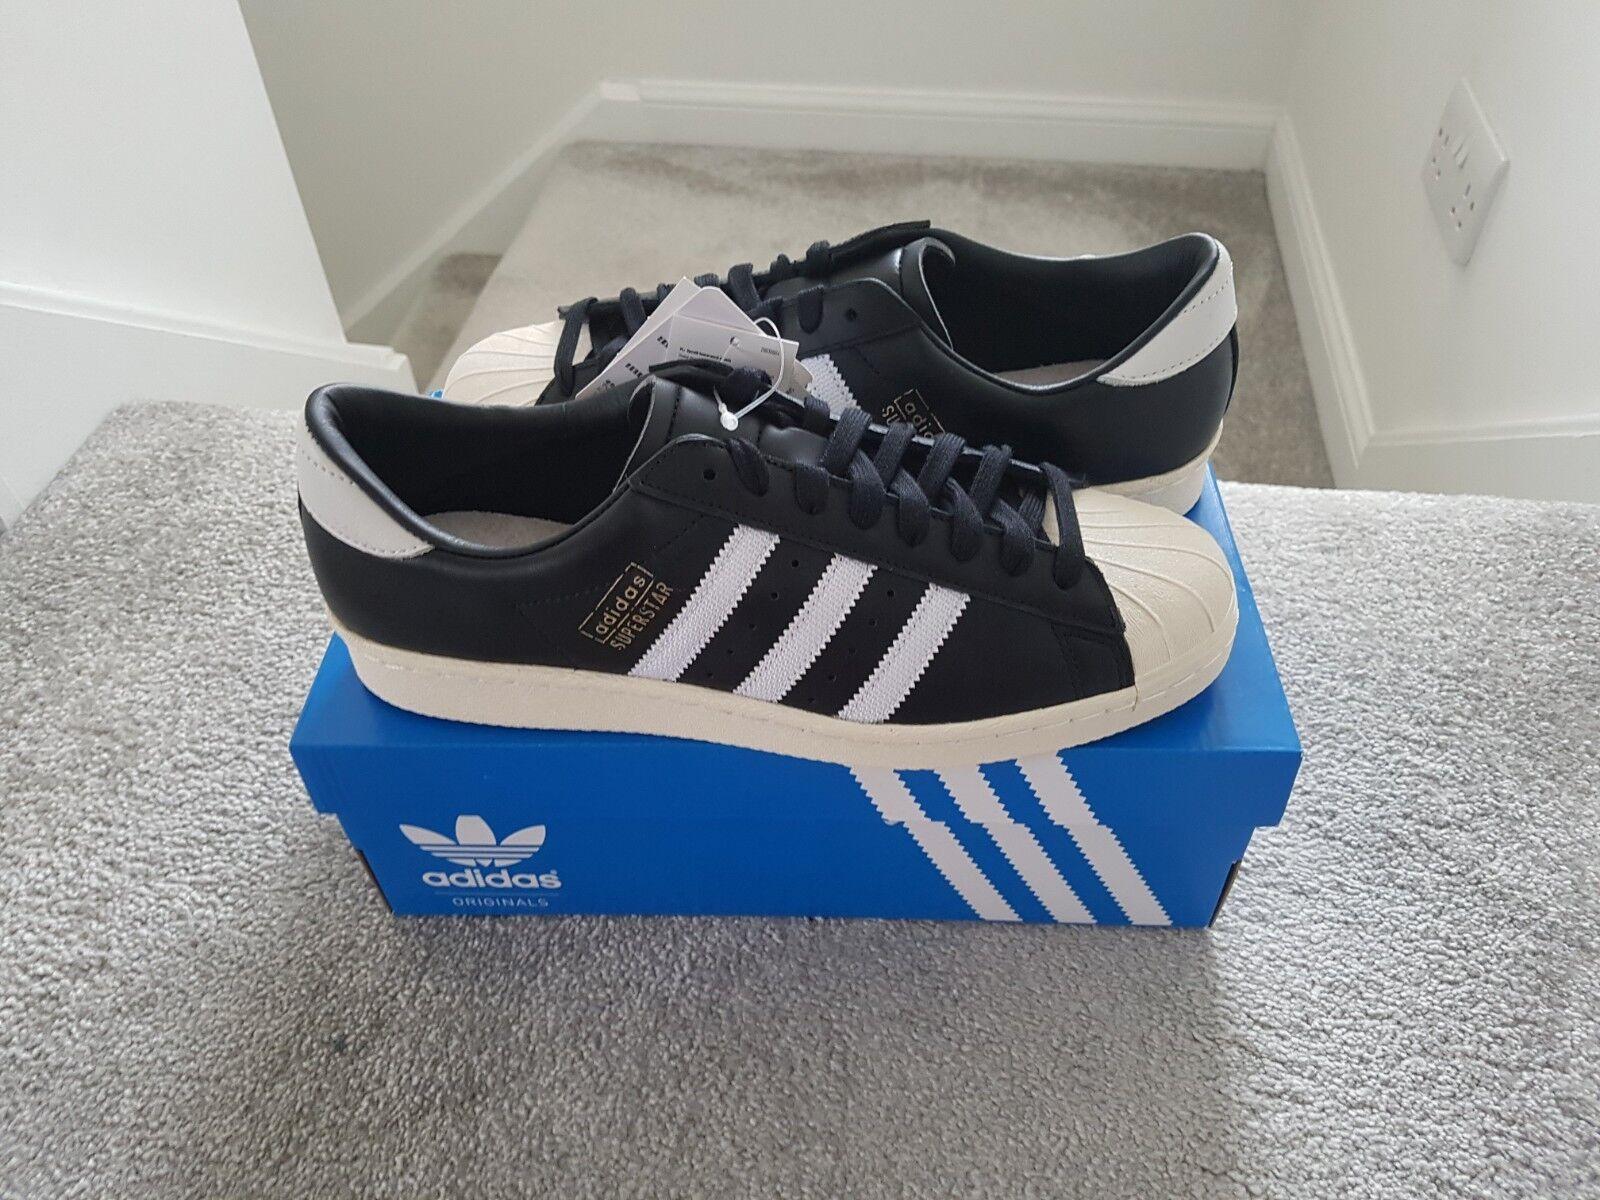 Adidas Superstar OG Zapatillas Negro y blancoo. a estrenar con las etiquetas y caja. Reino Unido 9